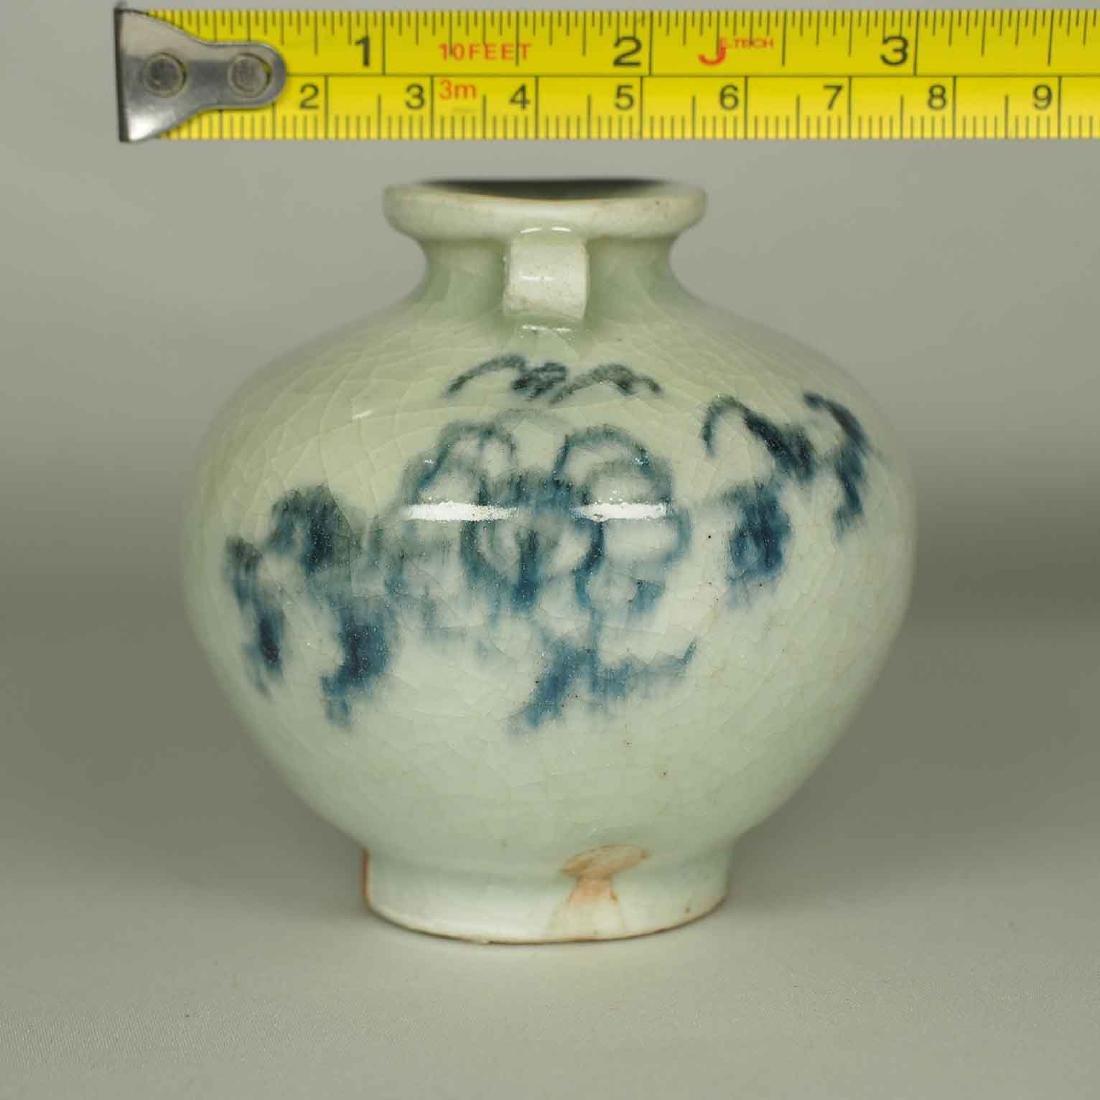 Jarlet with Chrysanthemum Flower, Yuan Dynasty - 9